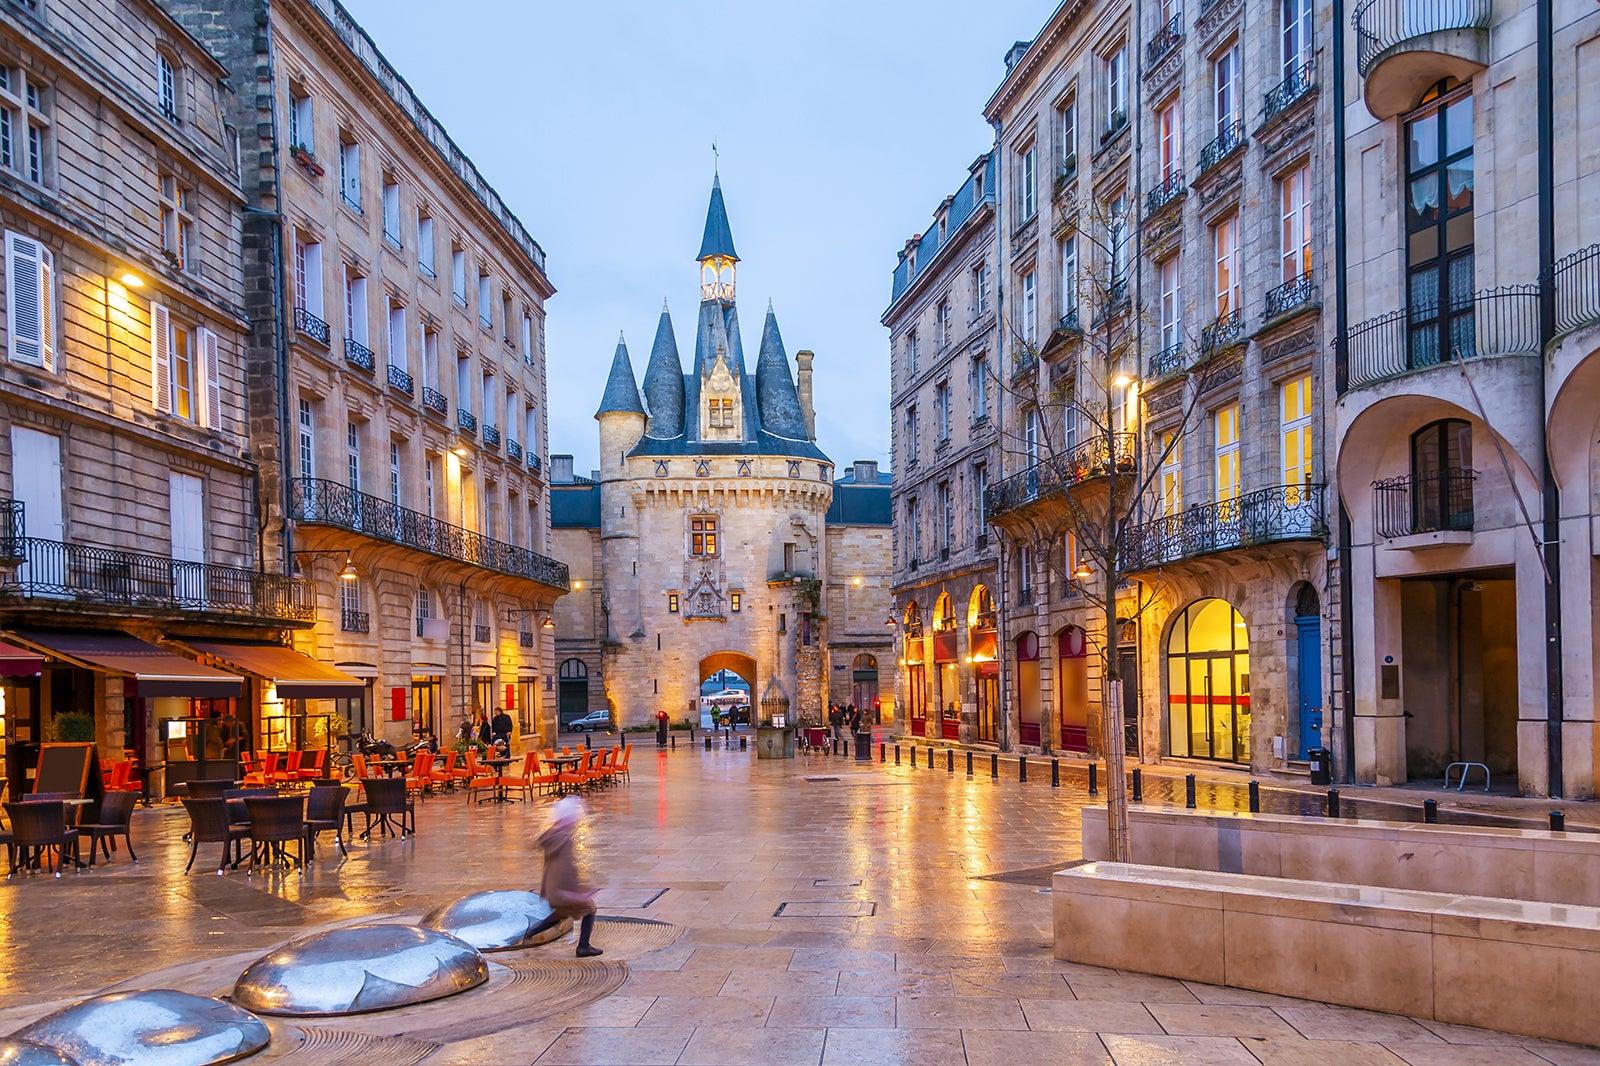 10 bons plans pour visiter Bordeaux à moindres frais - Des activités  gratuites ou à tarif préférentiel pour découvrir Bordeaux : Guides Go